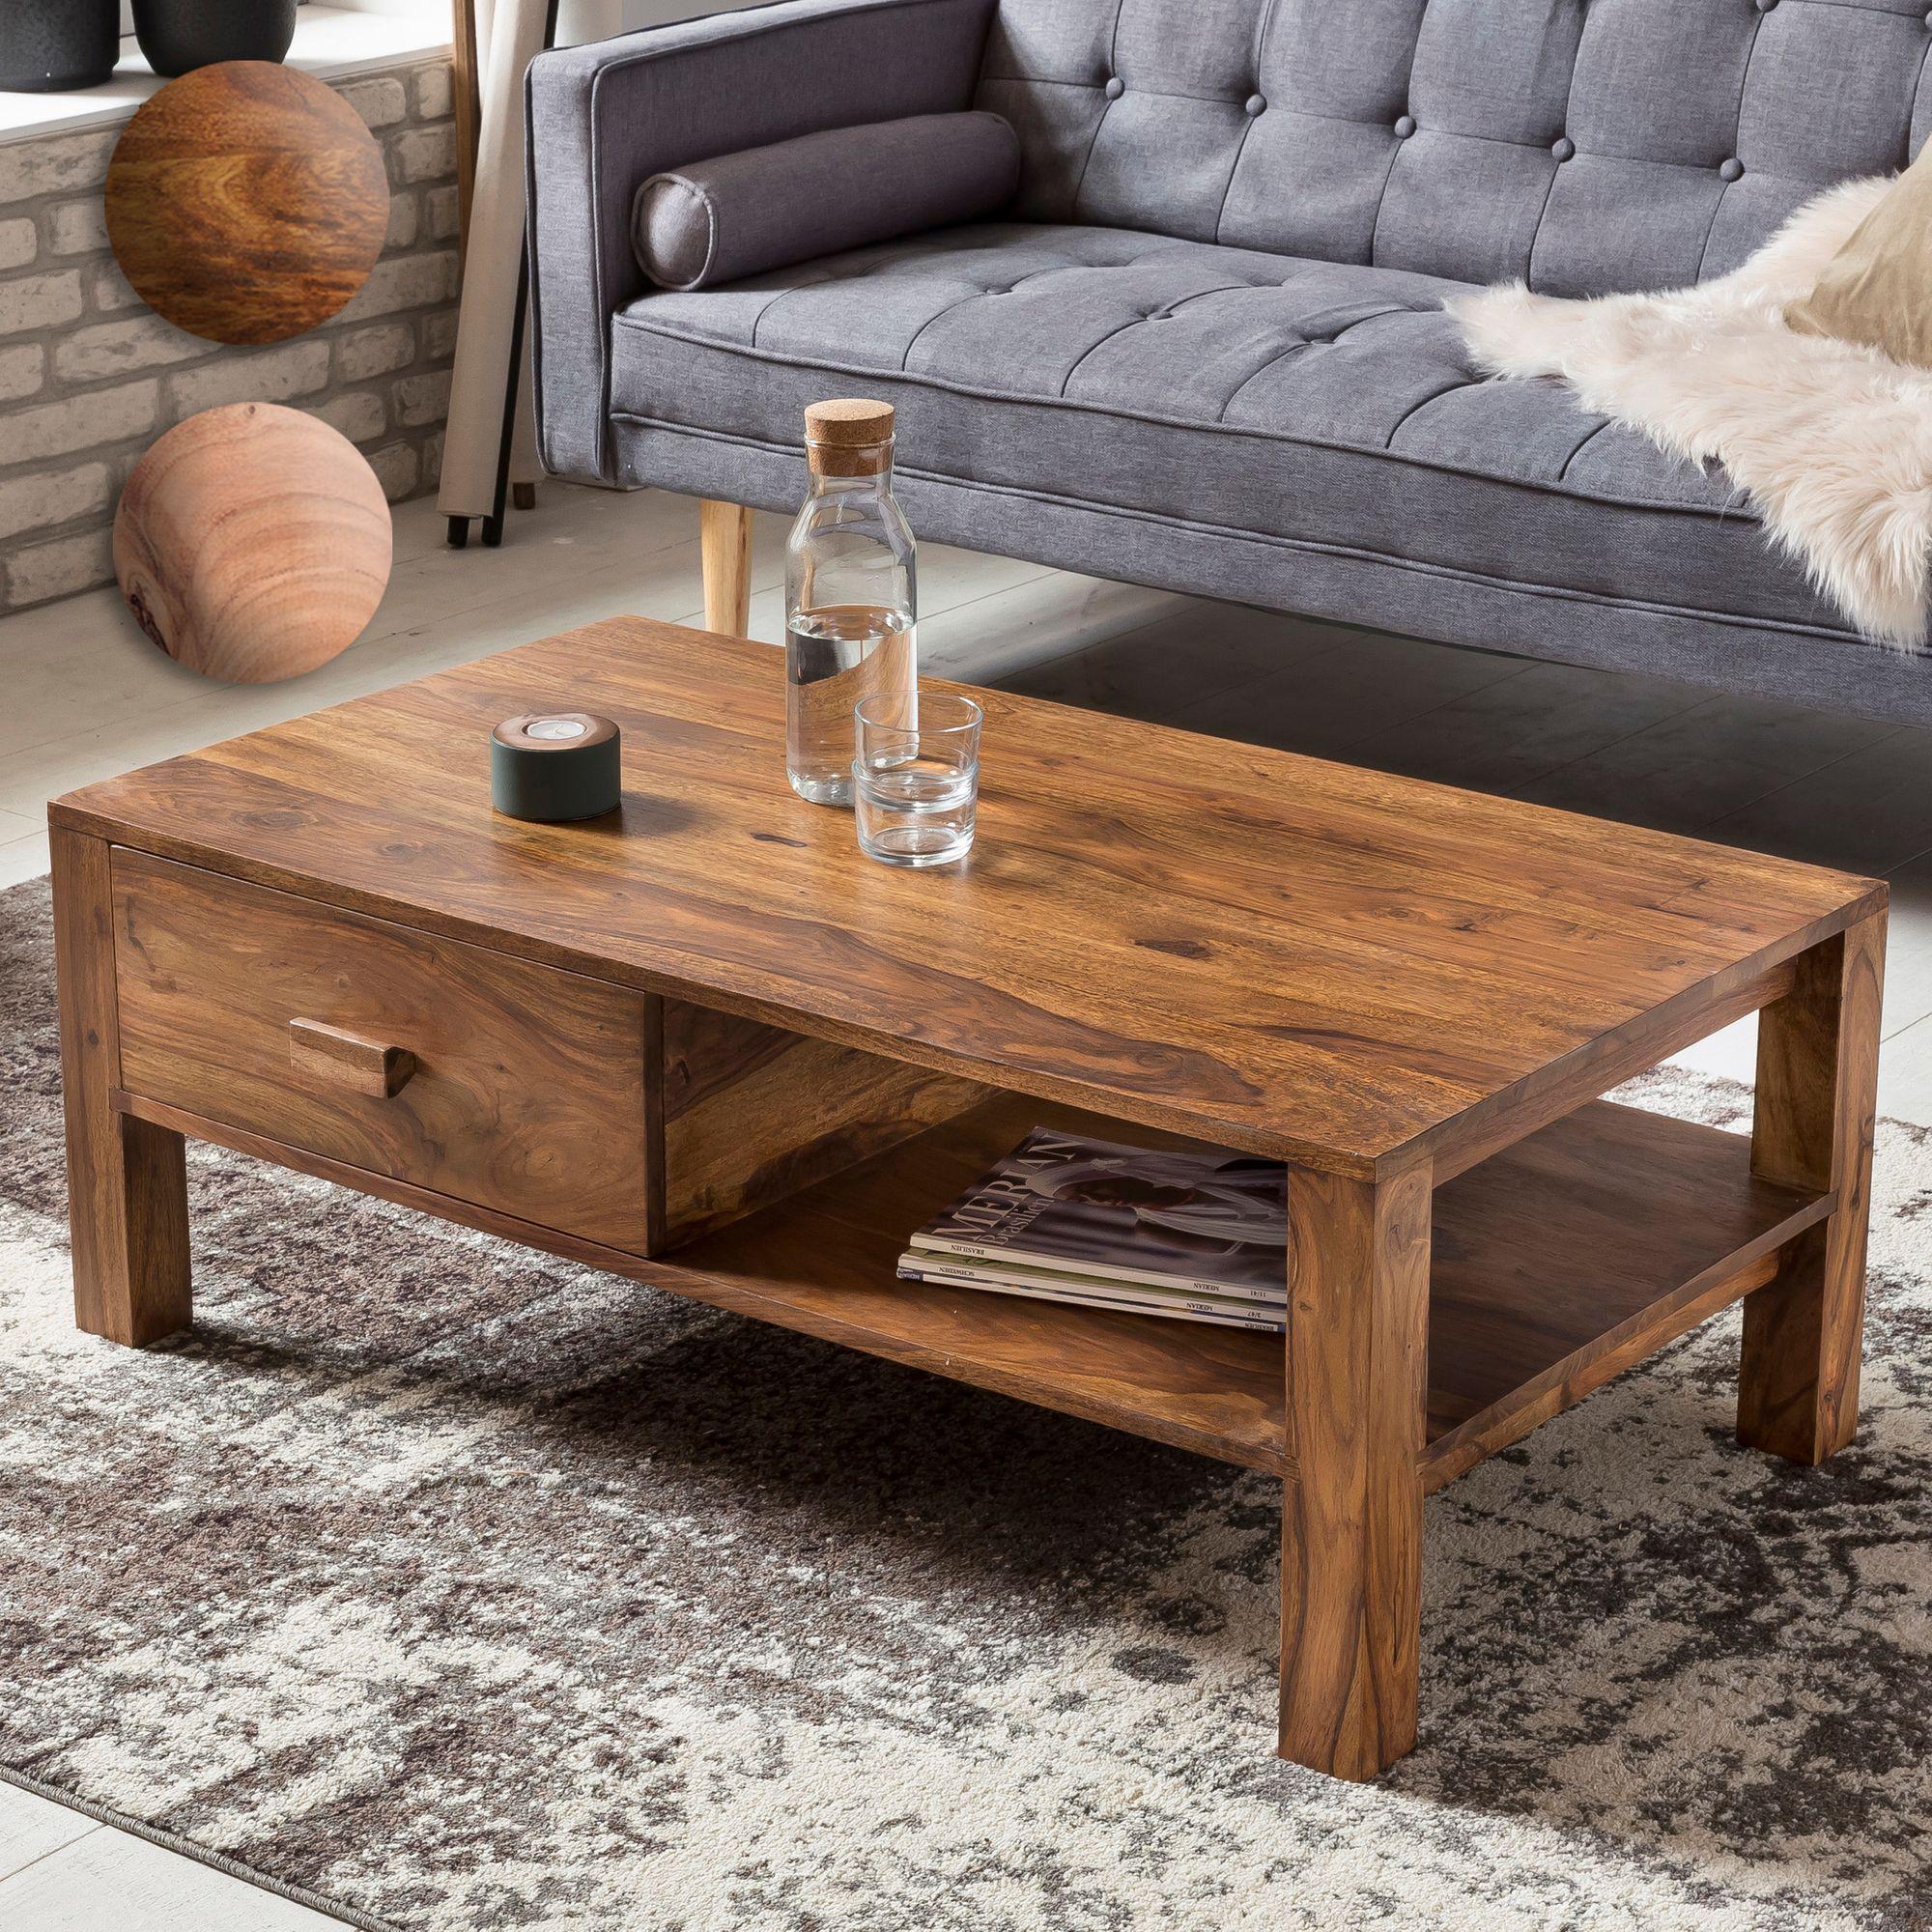 Couchtisch holz design  FineBuy Couchtisch Massivholz 110 x 40 x 60 cm mit Stauraum und 1 ...